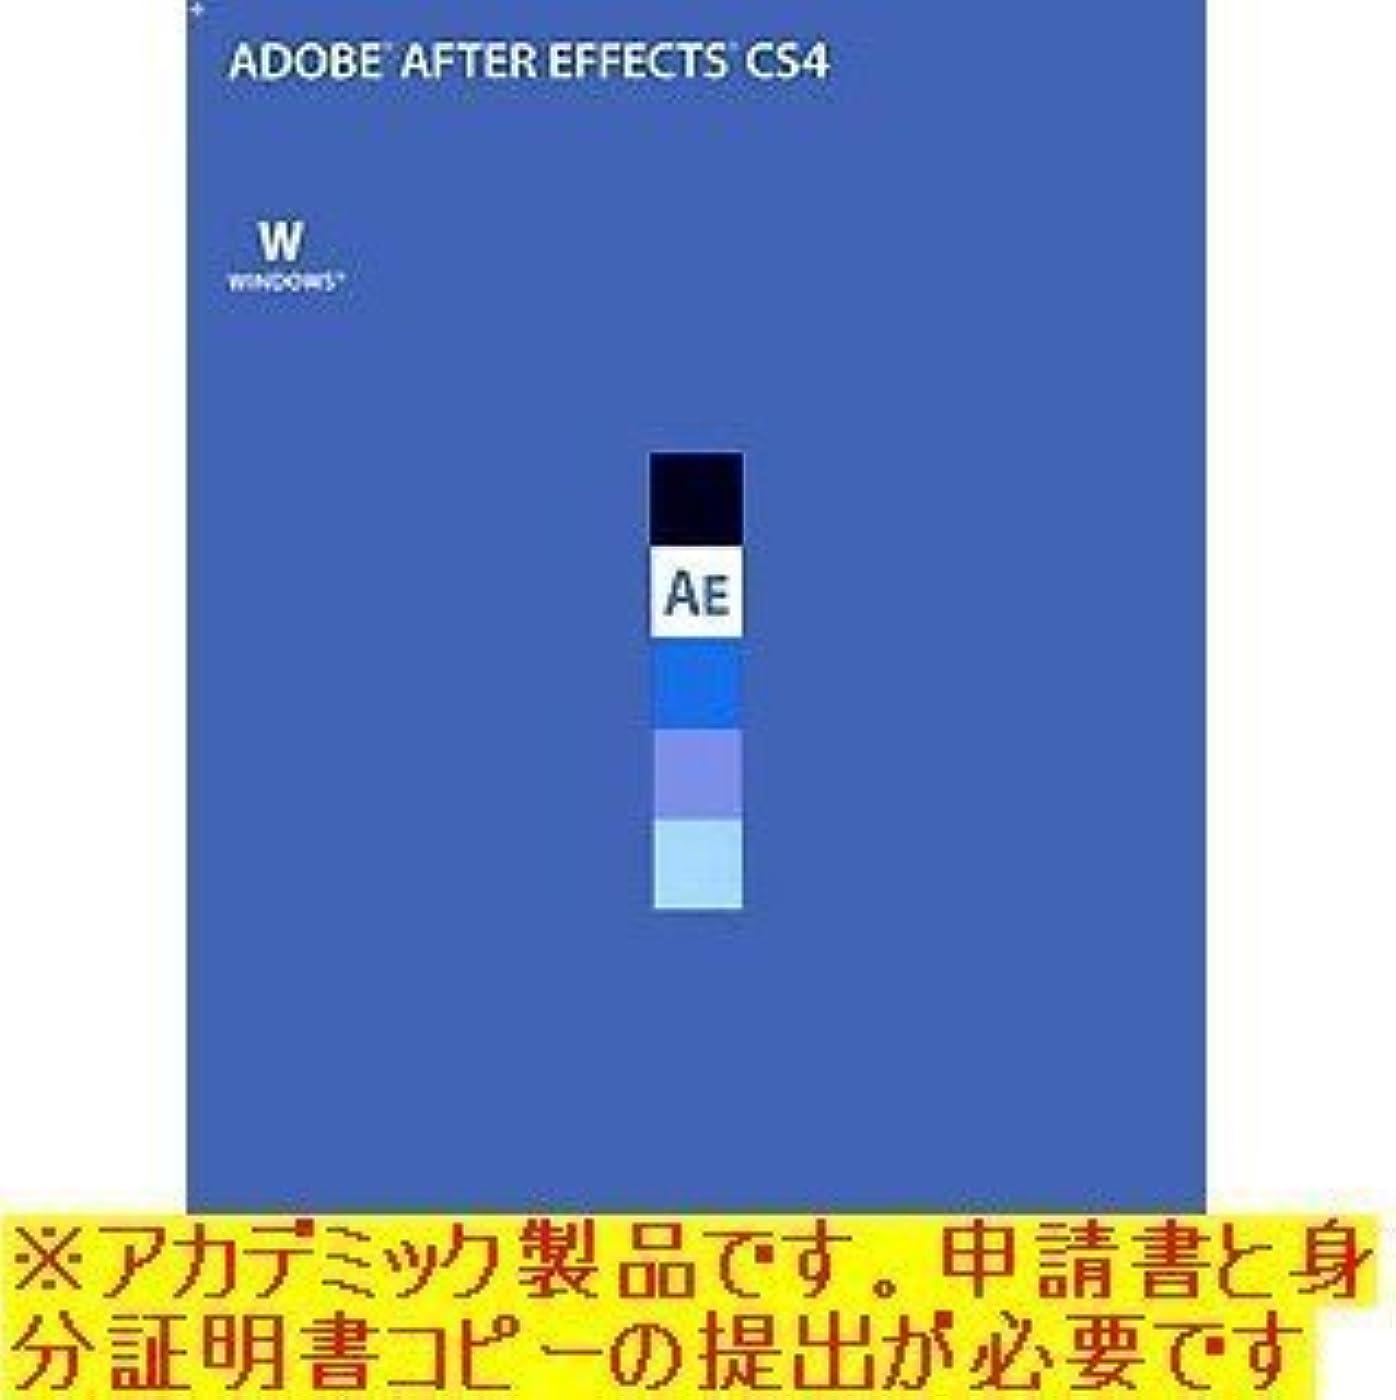 アドビ(Adobe) 【Win版】Adobe After Effects CS4 (V9.0) 日本語版 Professional Windows版 アカデミック(学生?教職員向け) 65009853